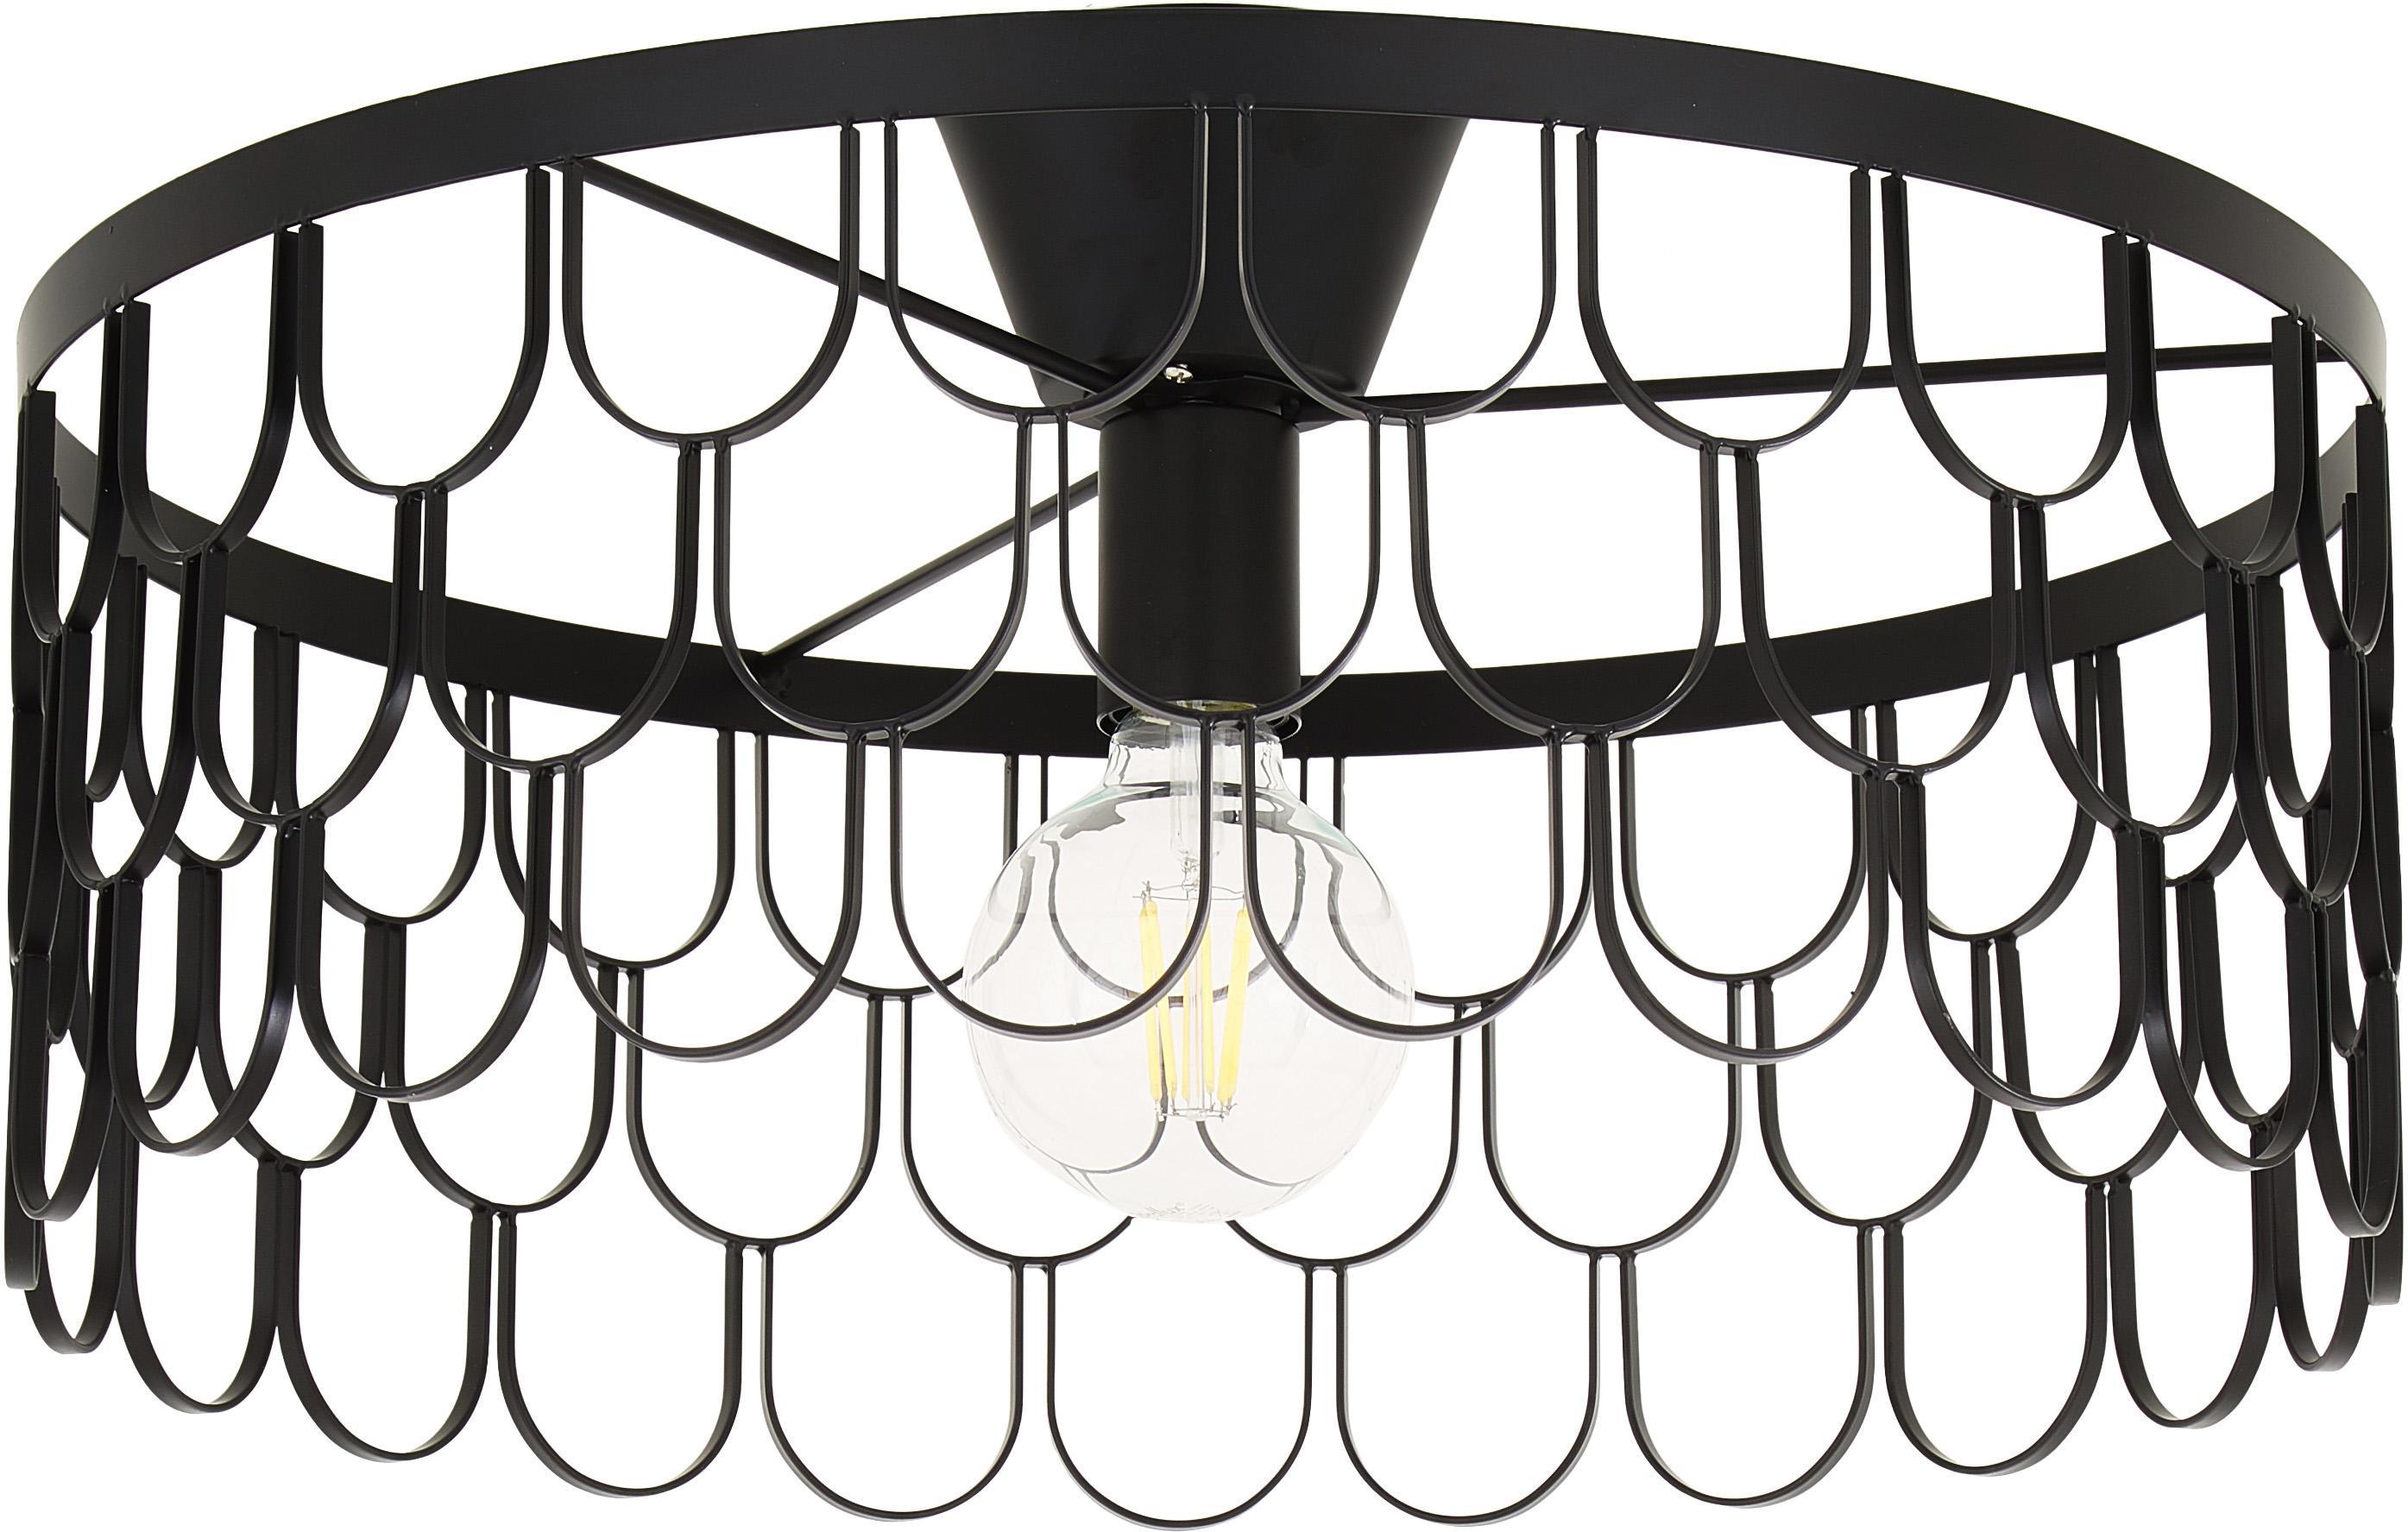 Design-Deckenleuchte Gatsby in Schwarz, Metall, lackiert, Schwarz, Ø 50 x H 20 cm